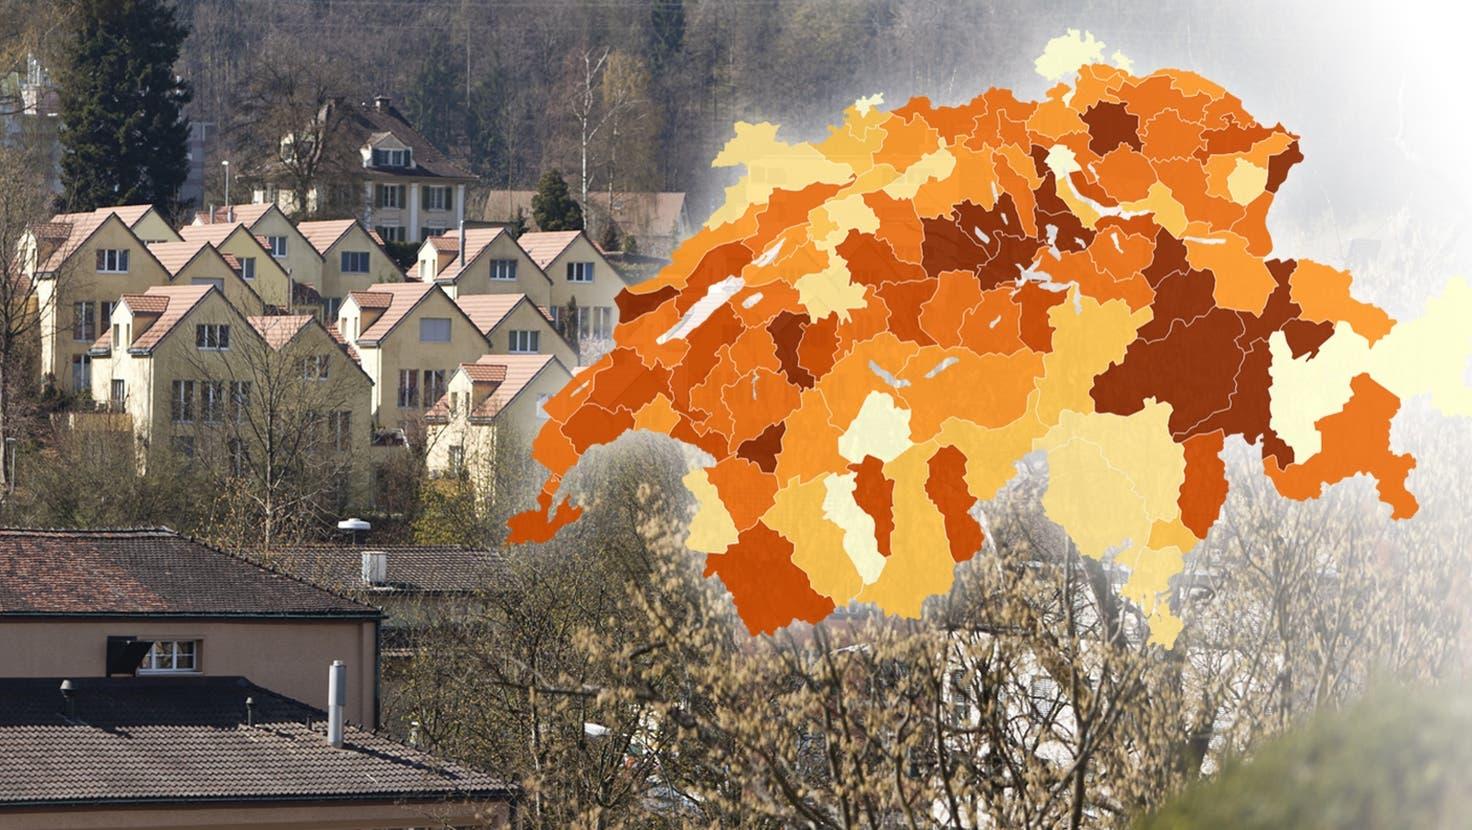 Einfamilienhäuser: In der Pandemie erstrahlt der Traum von ihnen besonders hell. (Getty)